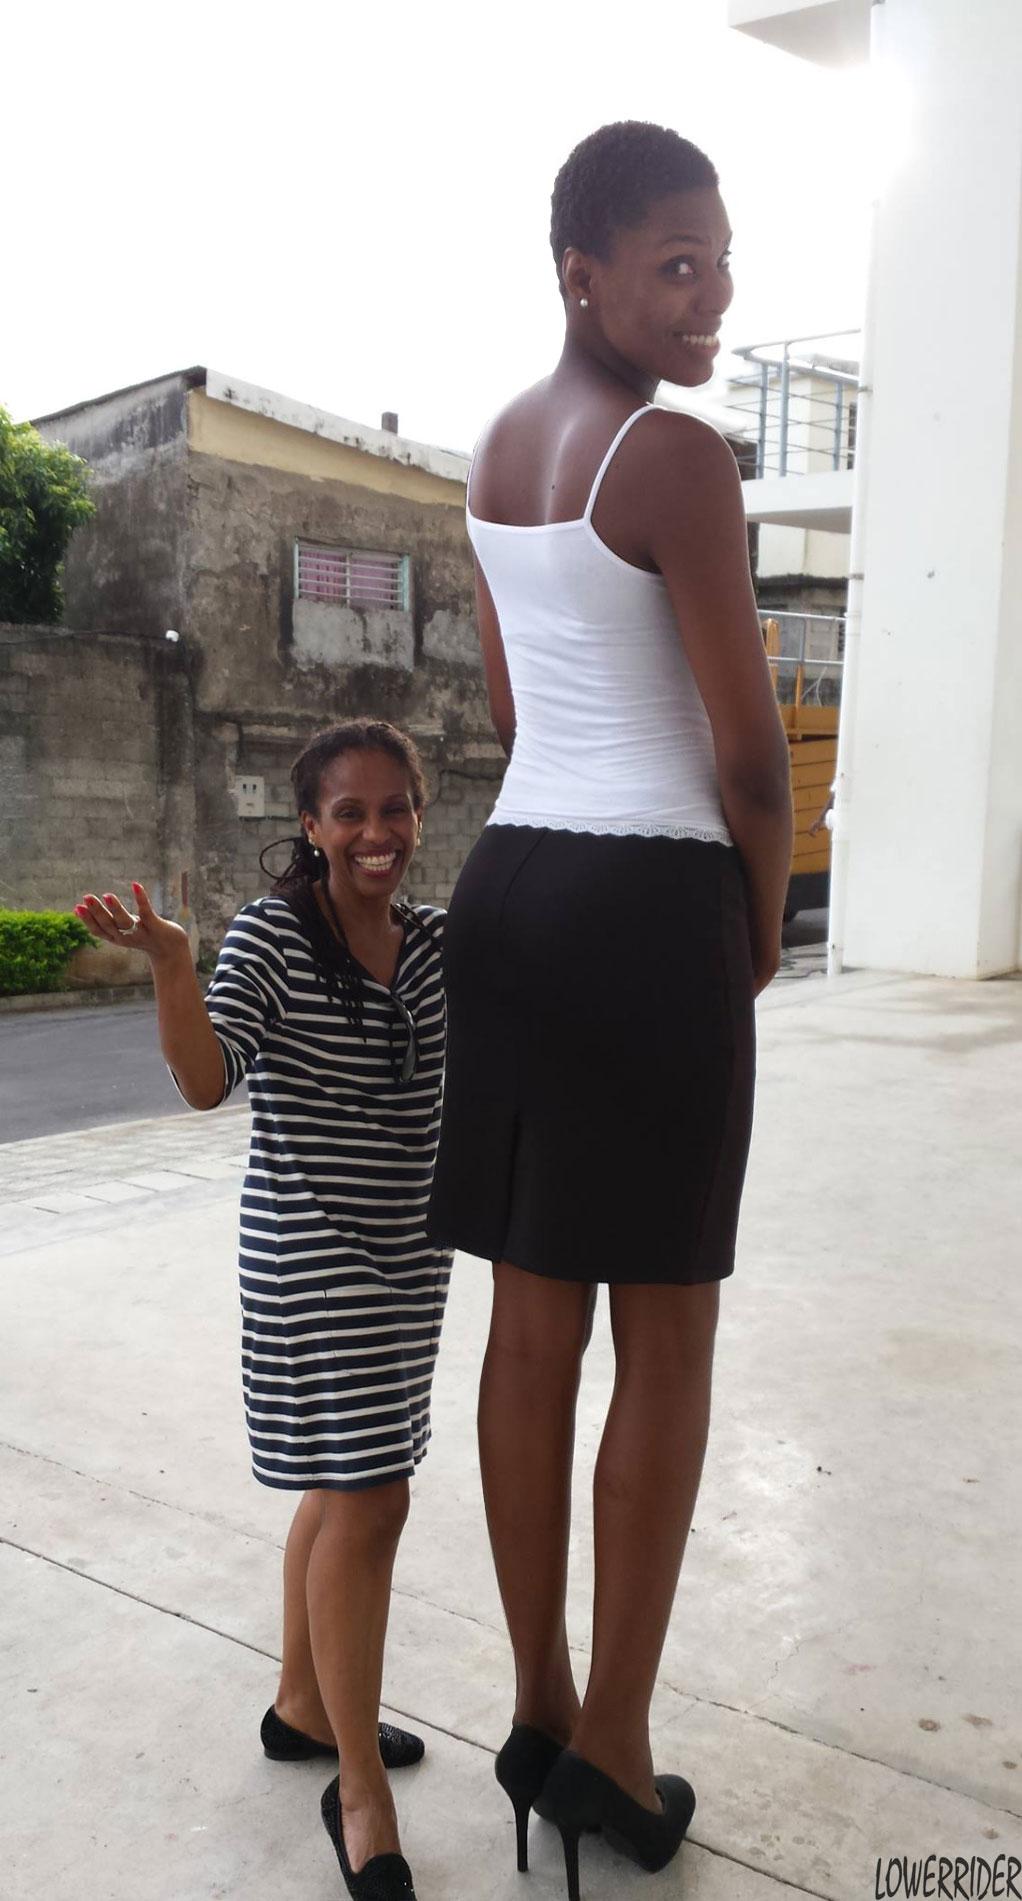 Short men seeking tall women